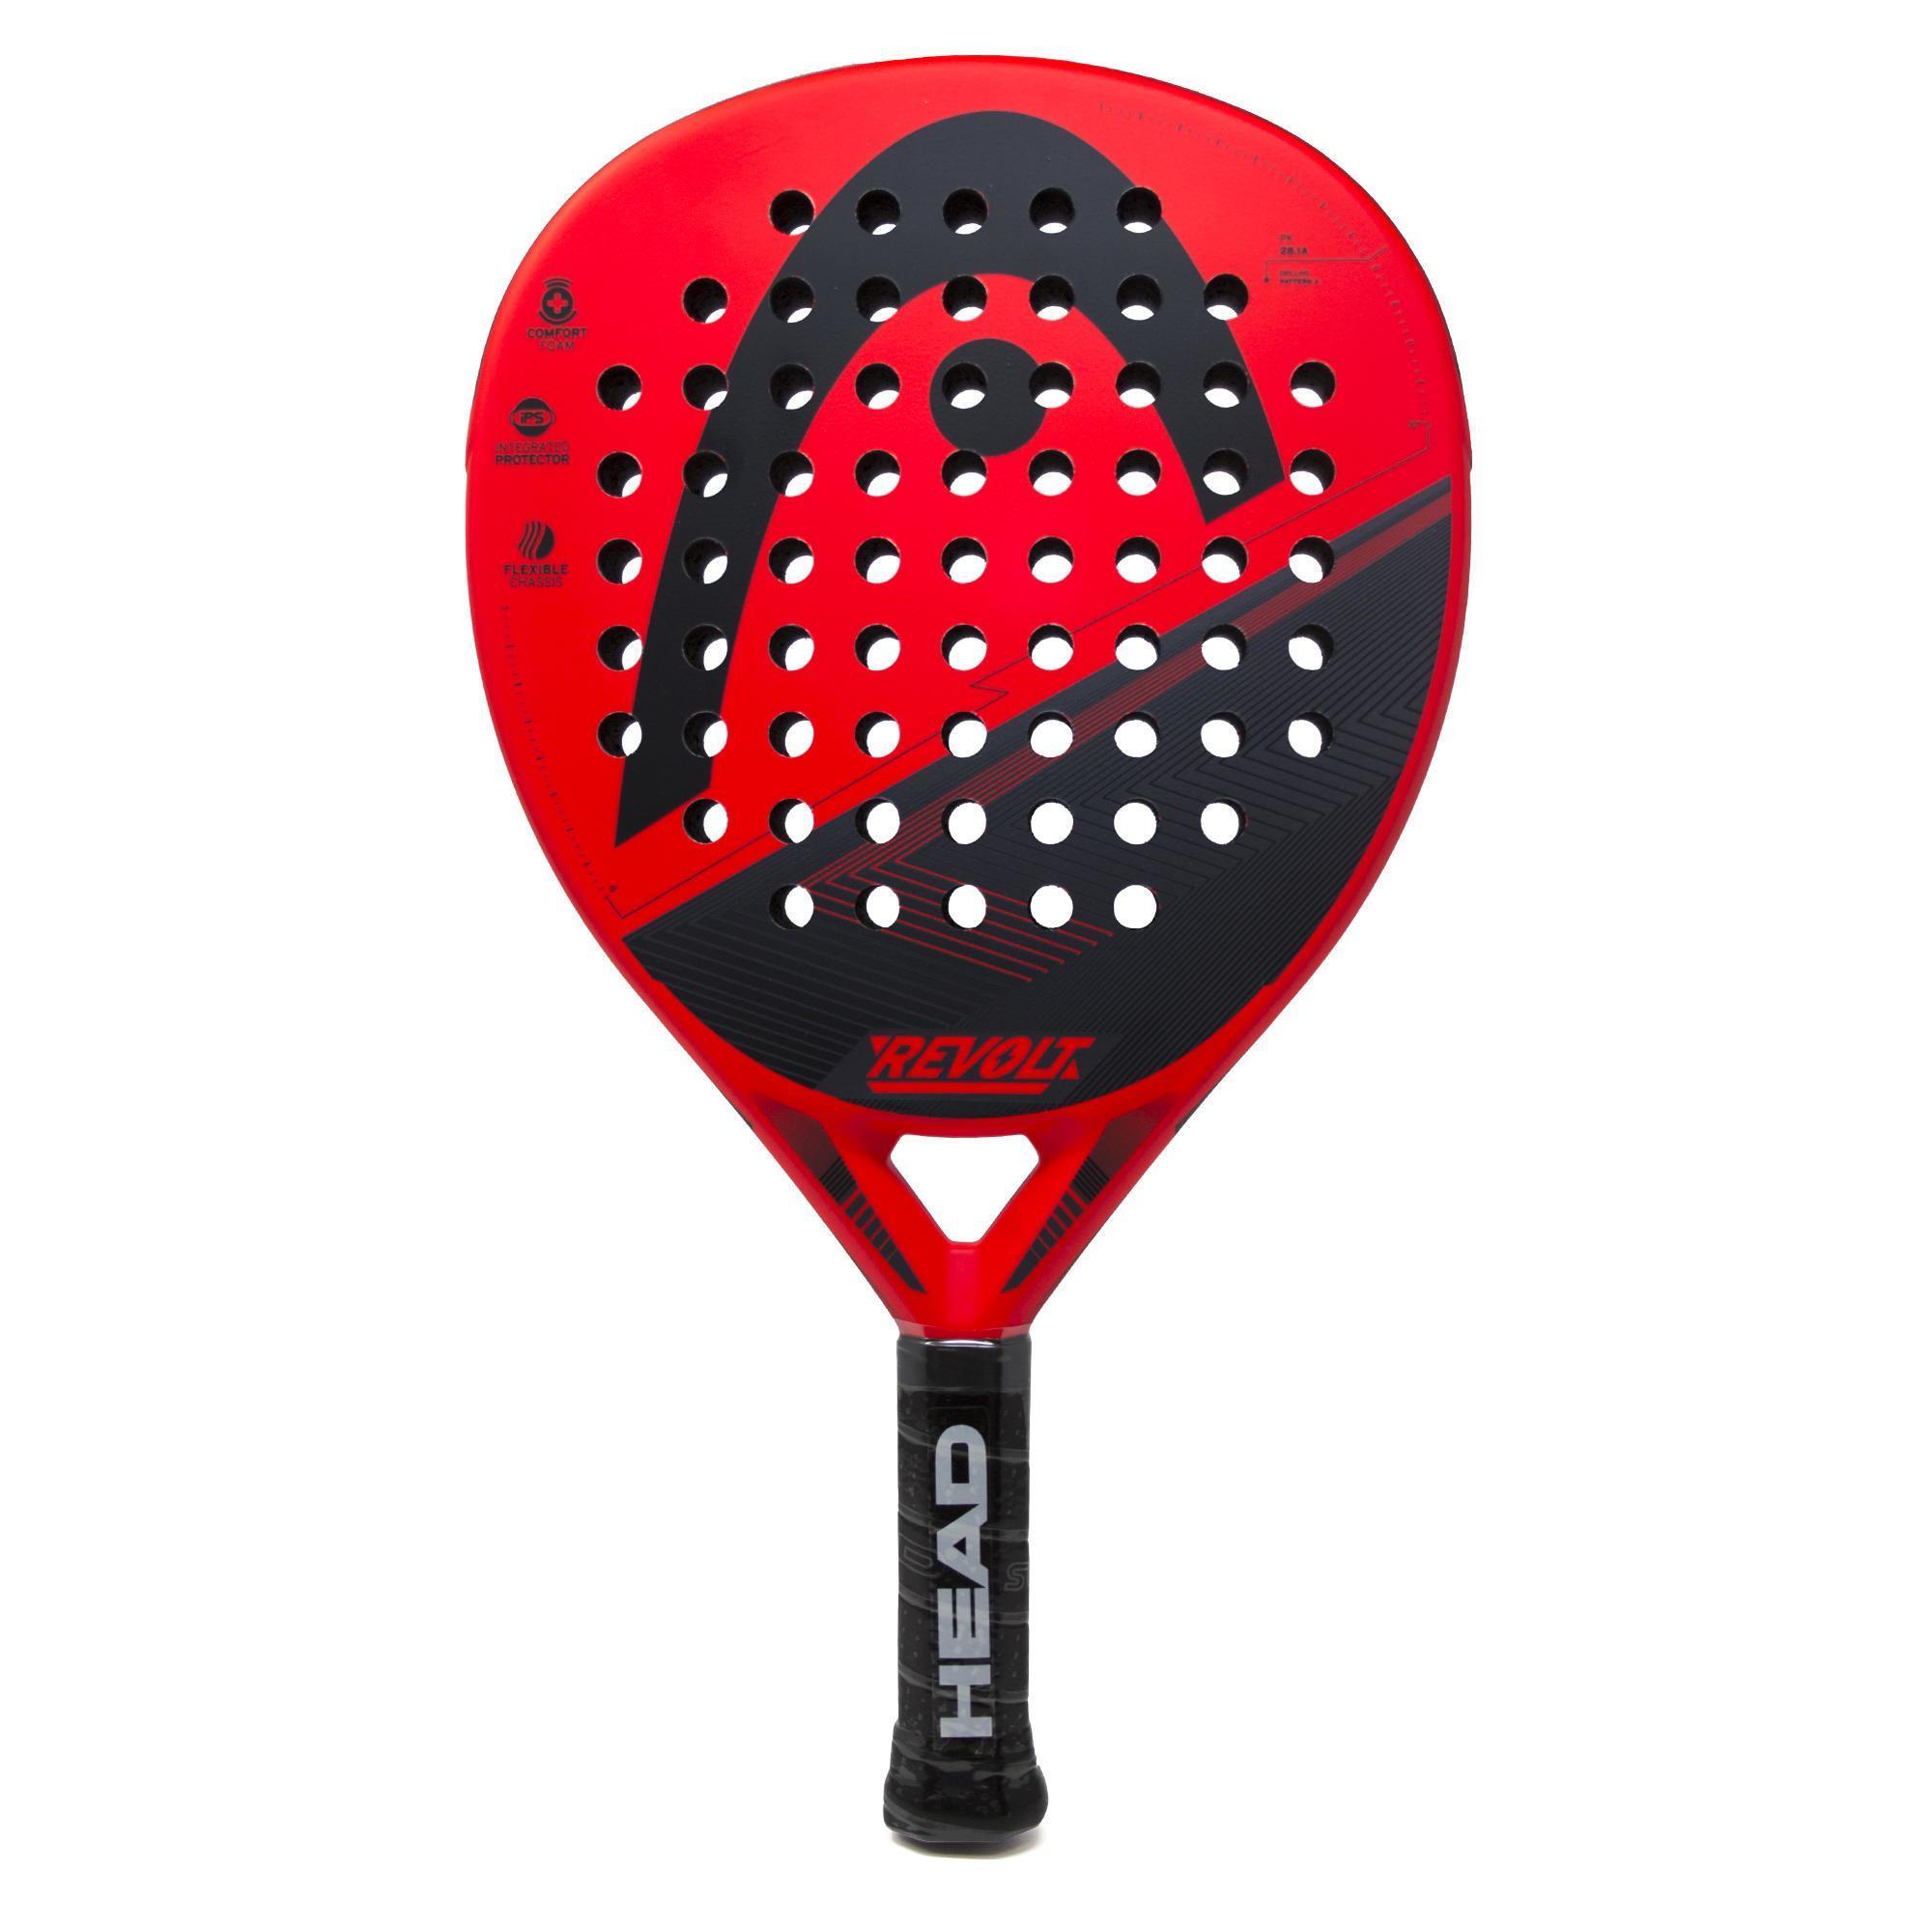 Padel racket kopen met voordeel